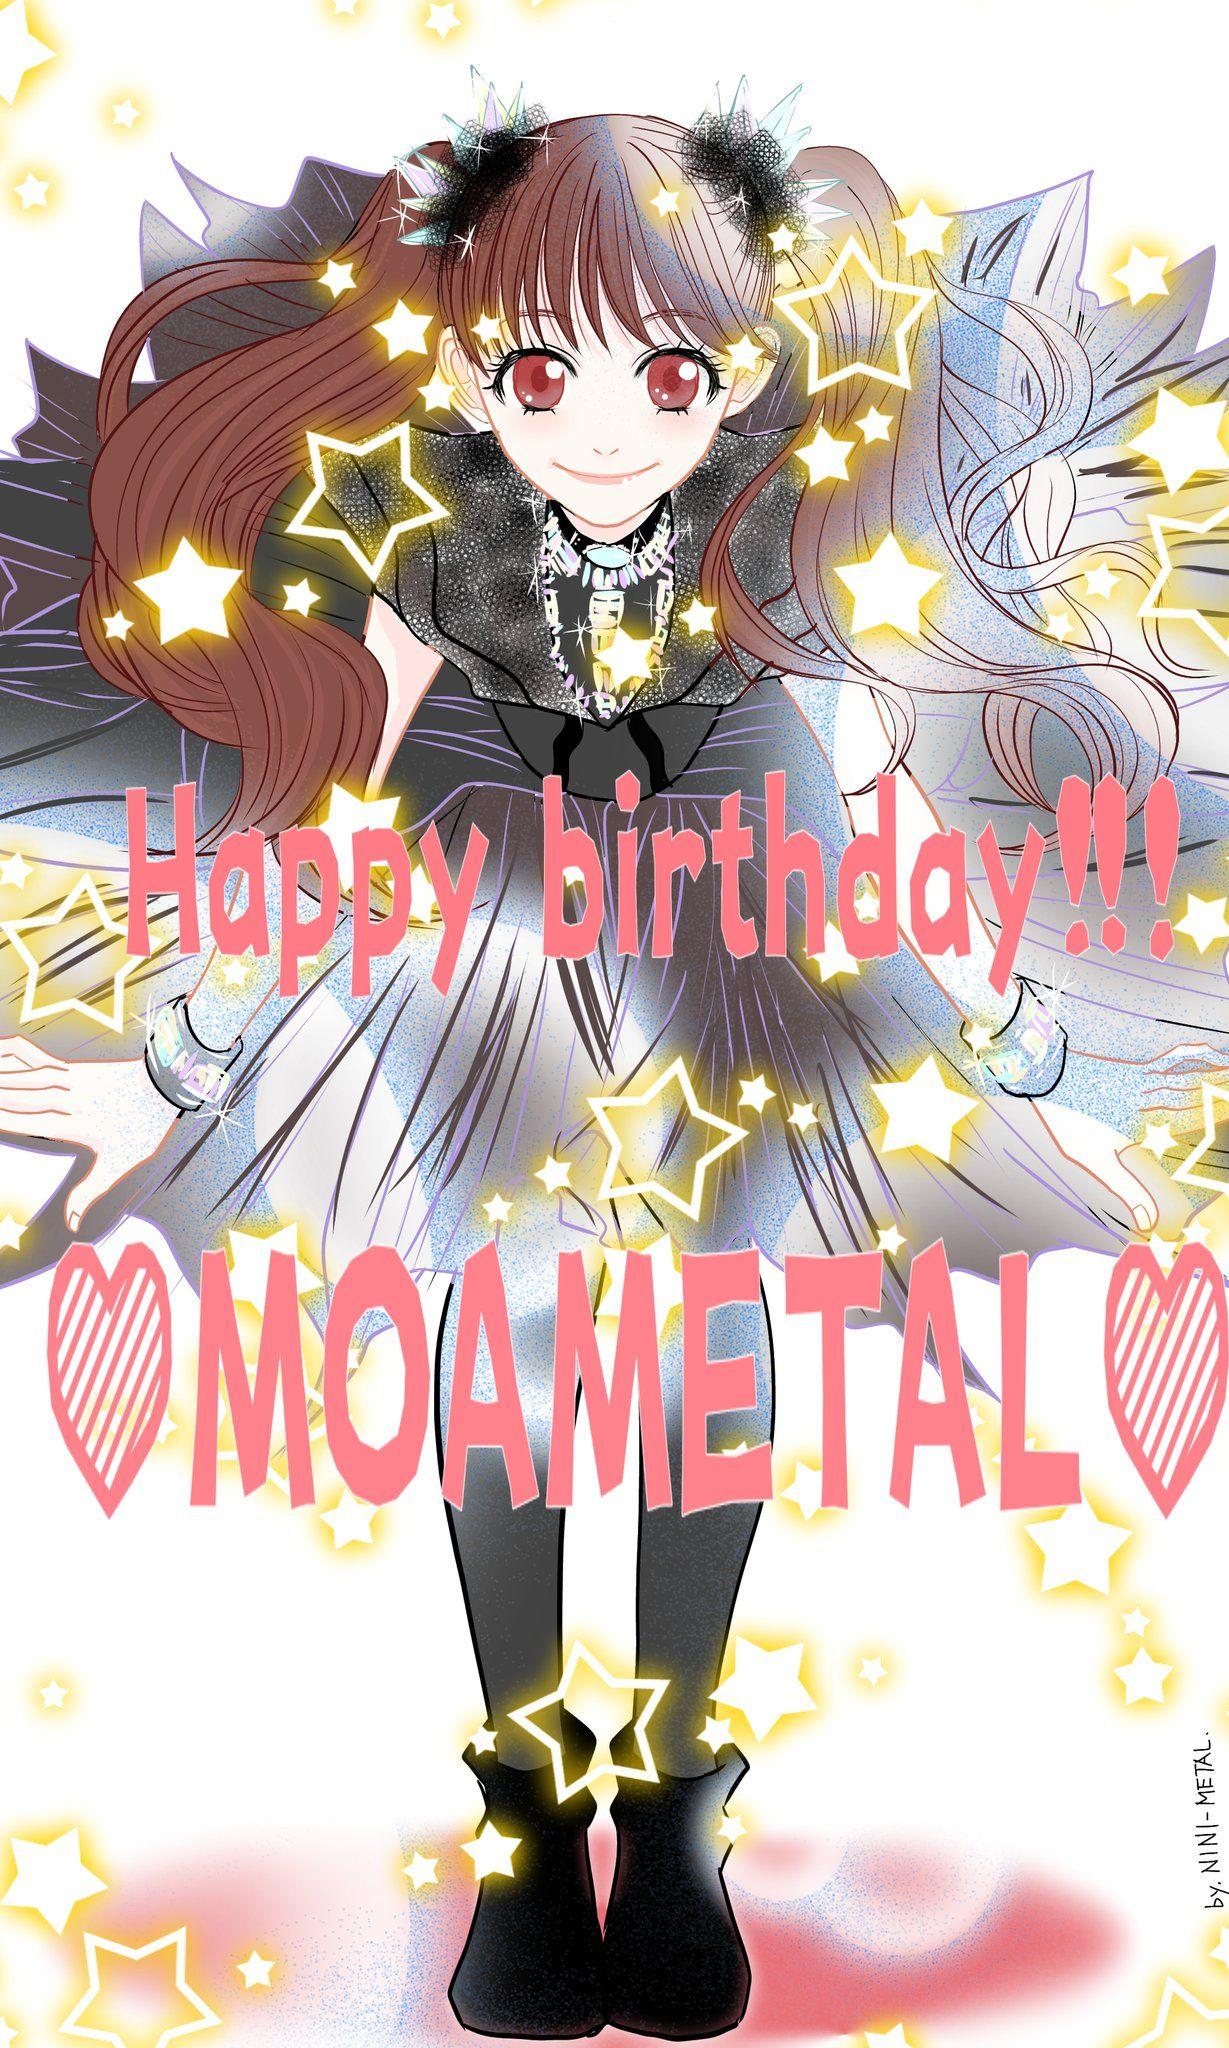 にに nini metal on twitter fan art pics anime